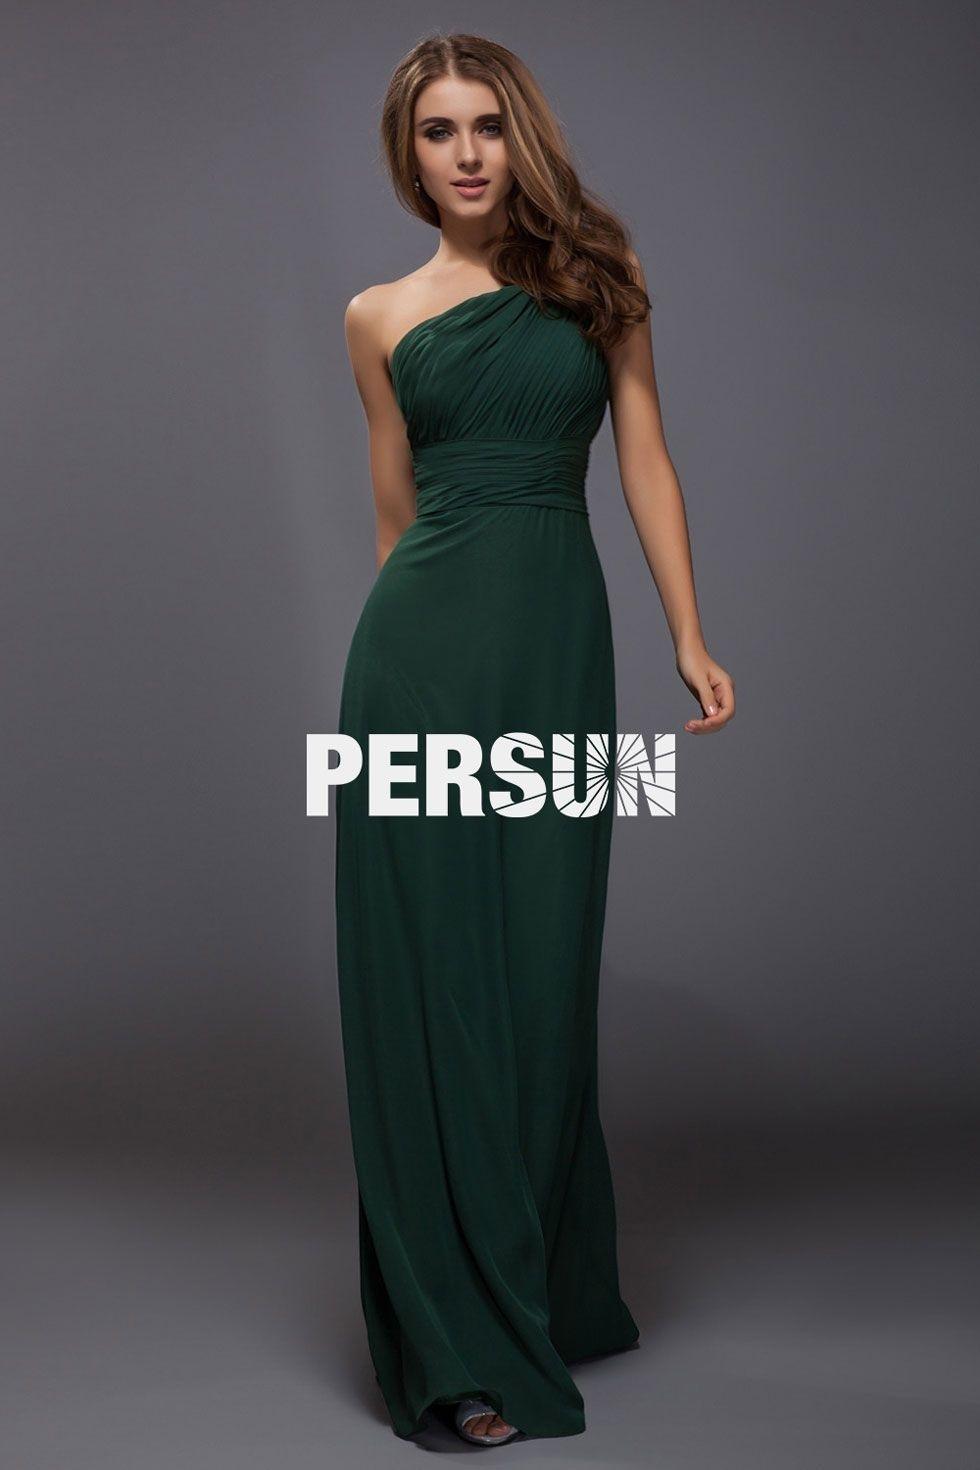 20 Luxus Festliches Kleid Grün Vertrieb15 Erstaunlich Festliches Kleid Grün Galerie